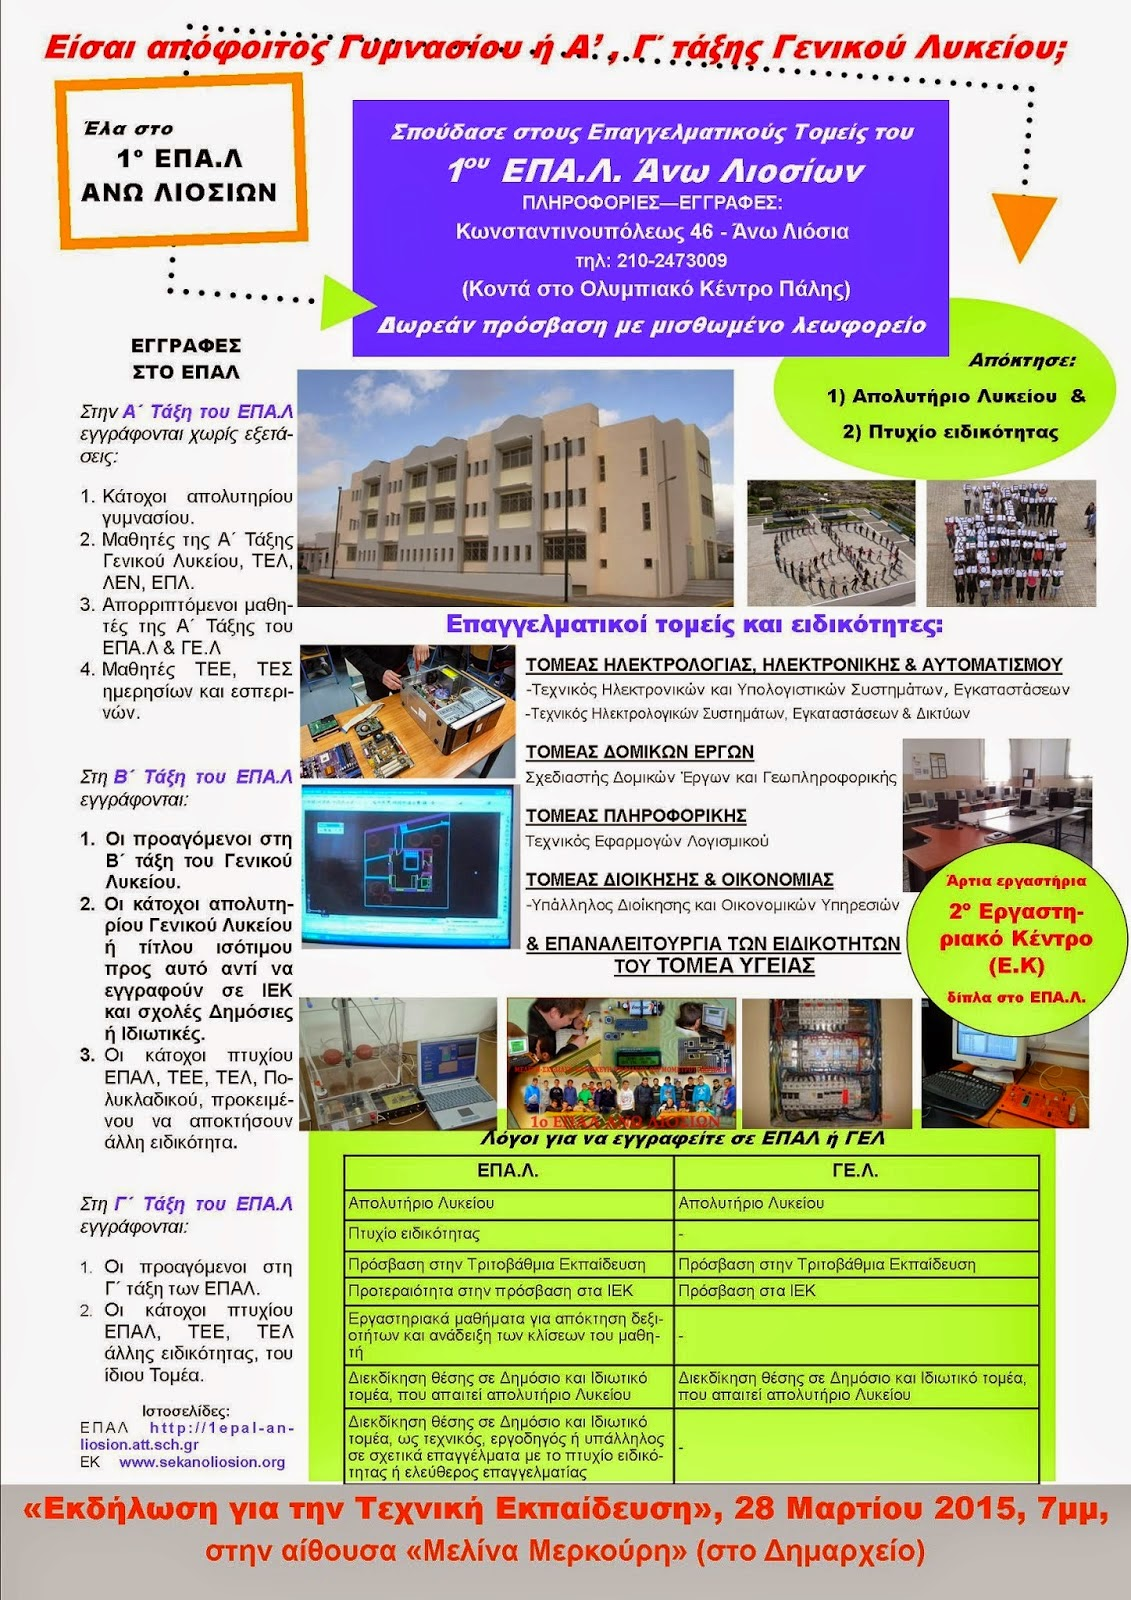 Ανοιχτή εκδήλωση για την Τεχνική Εκπαίδευση στο Δήμο Φυλής